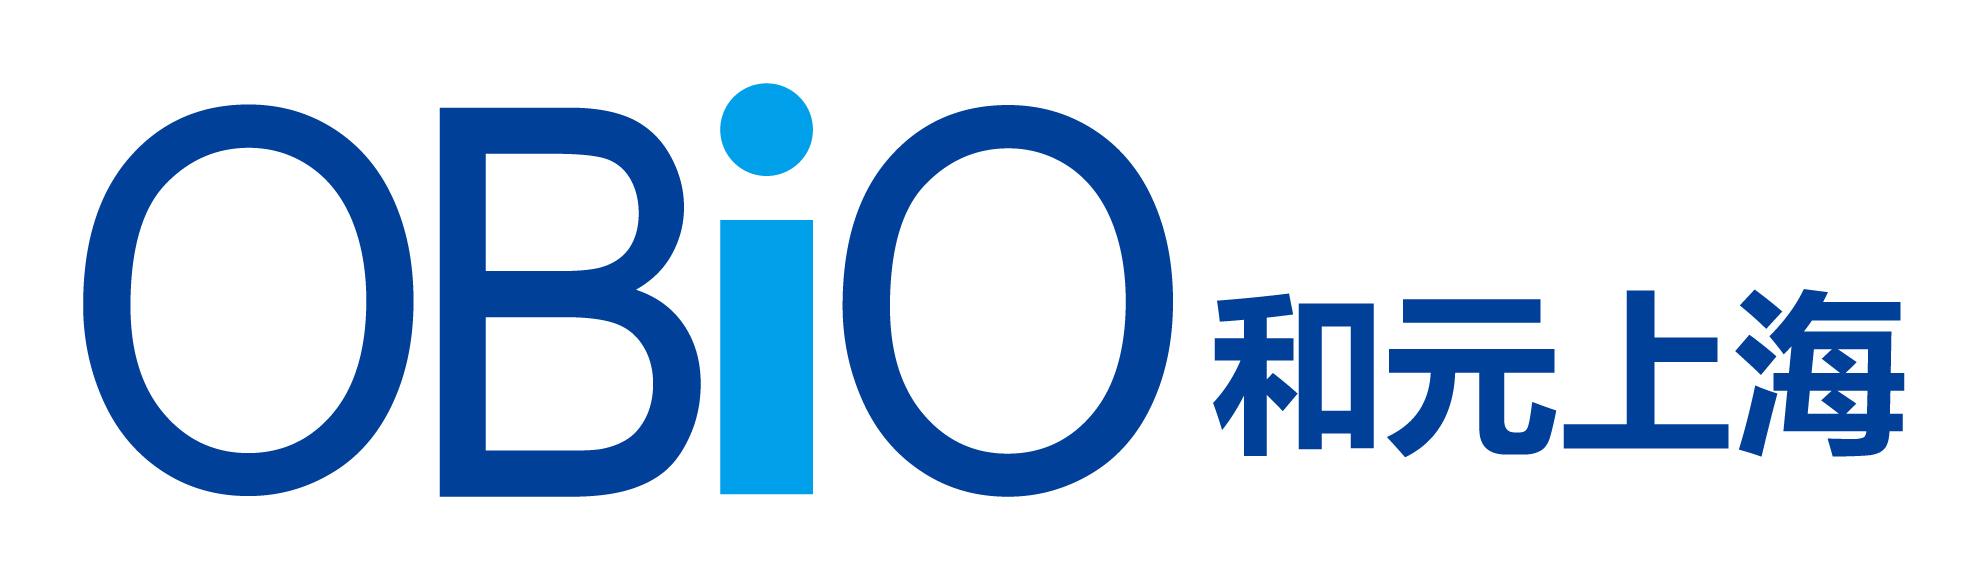 和元生物技术(上海)股份有限公司